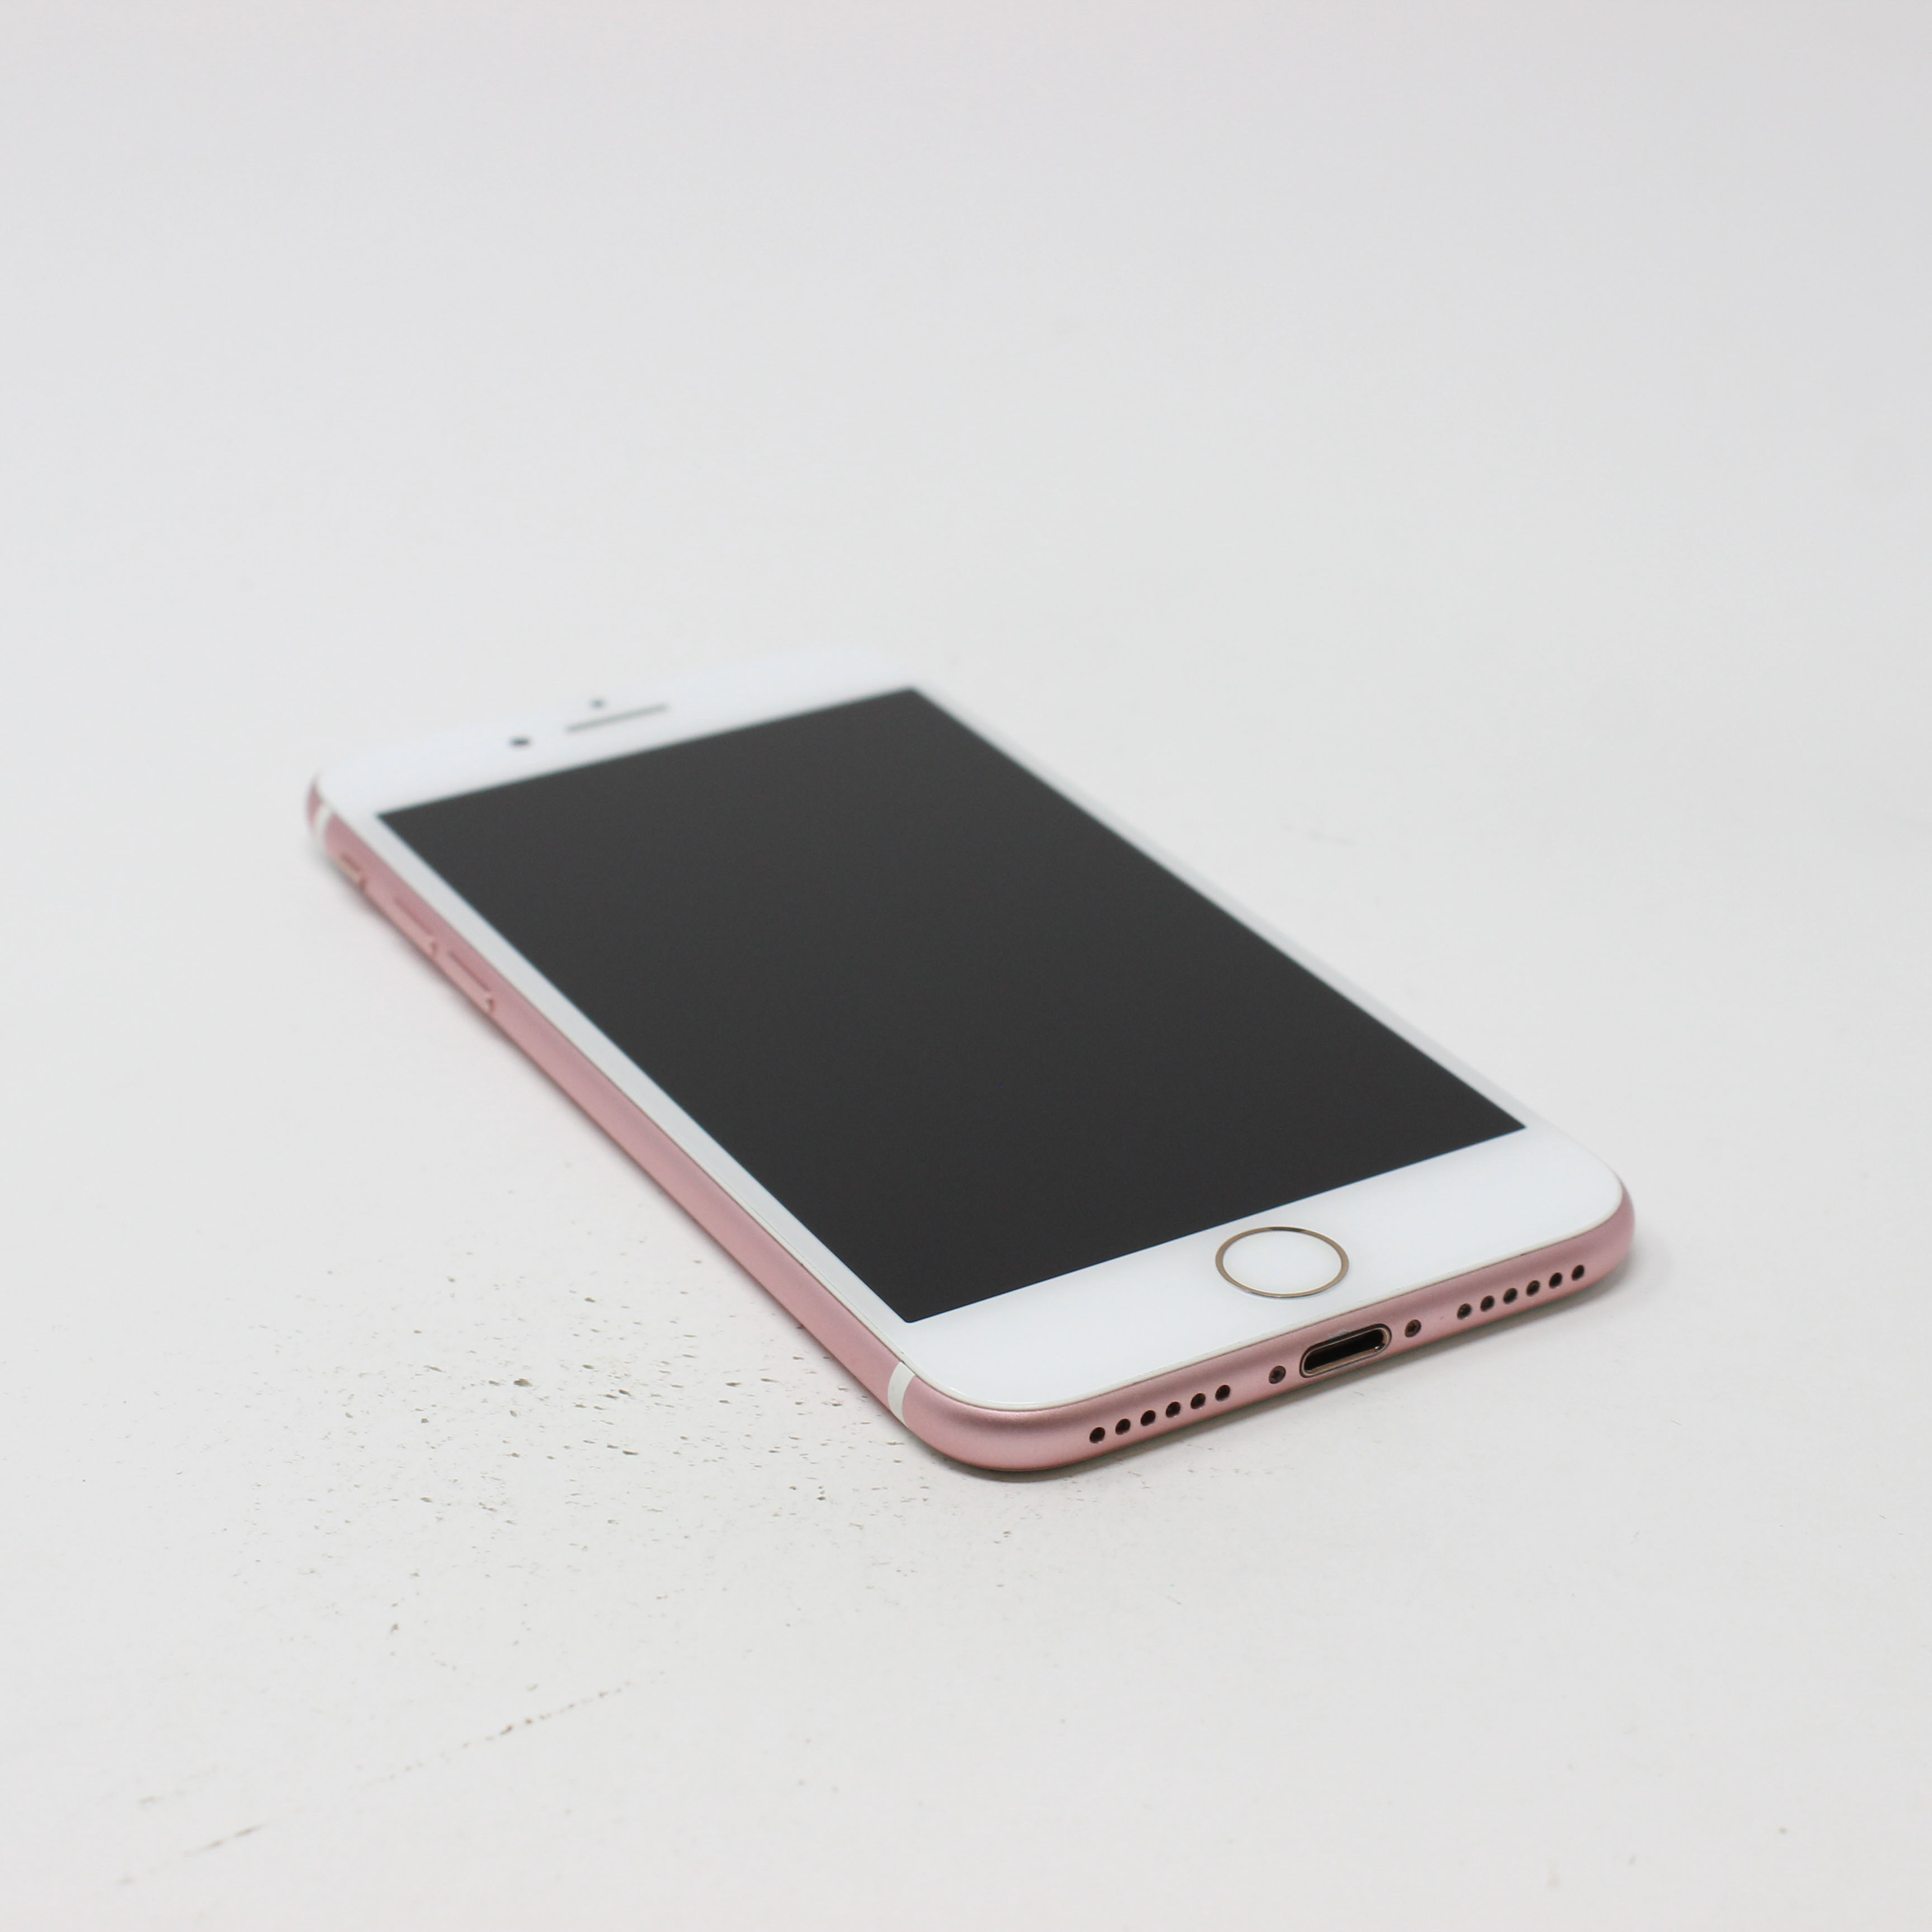 iPhone 7 128GB Rose Gold - AT&T photo 5 | UpTradeit.com